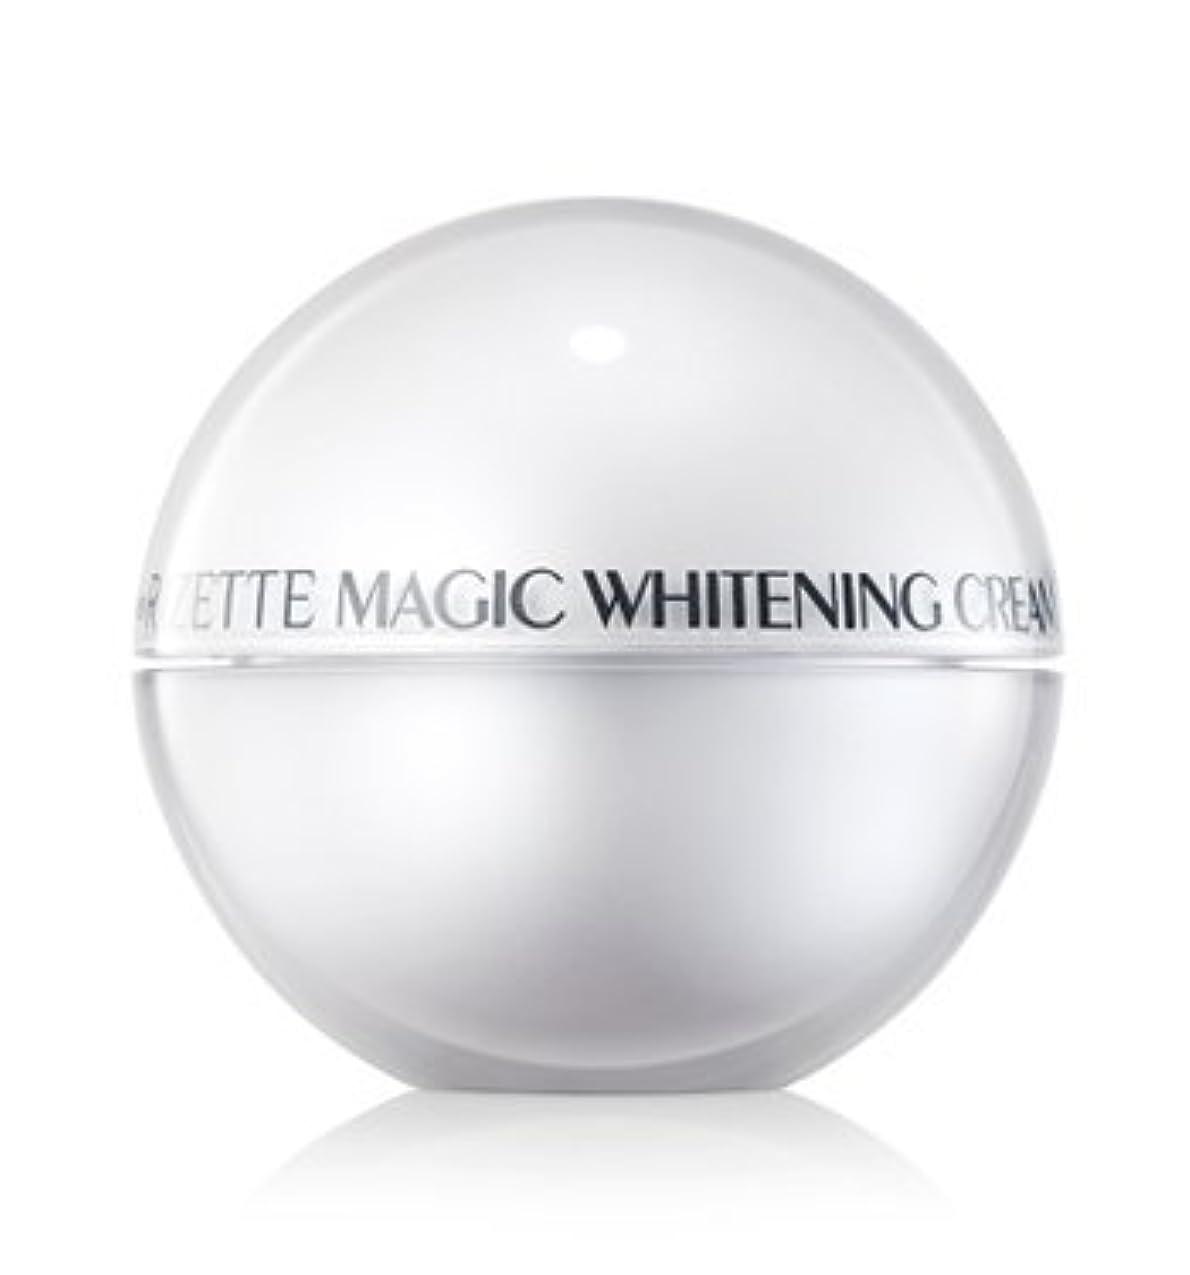 産地とらえどころのない盲目リオエリ(Lioele) Rizette マジック ホワイトニング クリーム プラス/ Lioele Rizette Magic Whitening Cream Plus[並行輸入品]